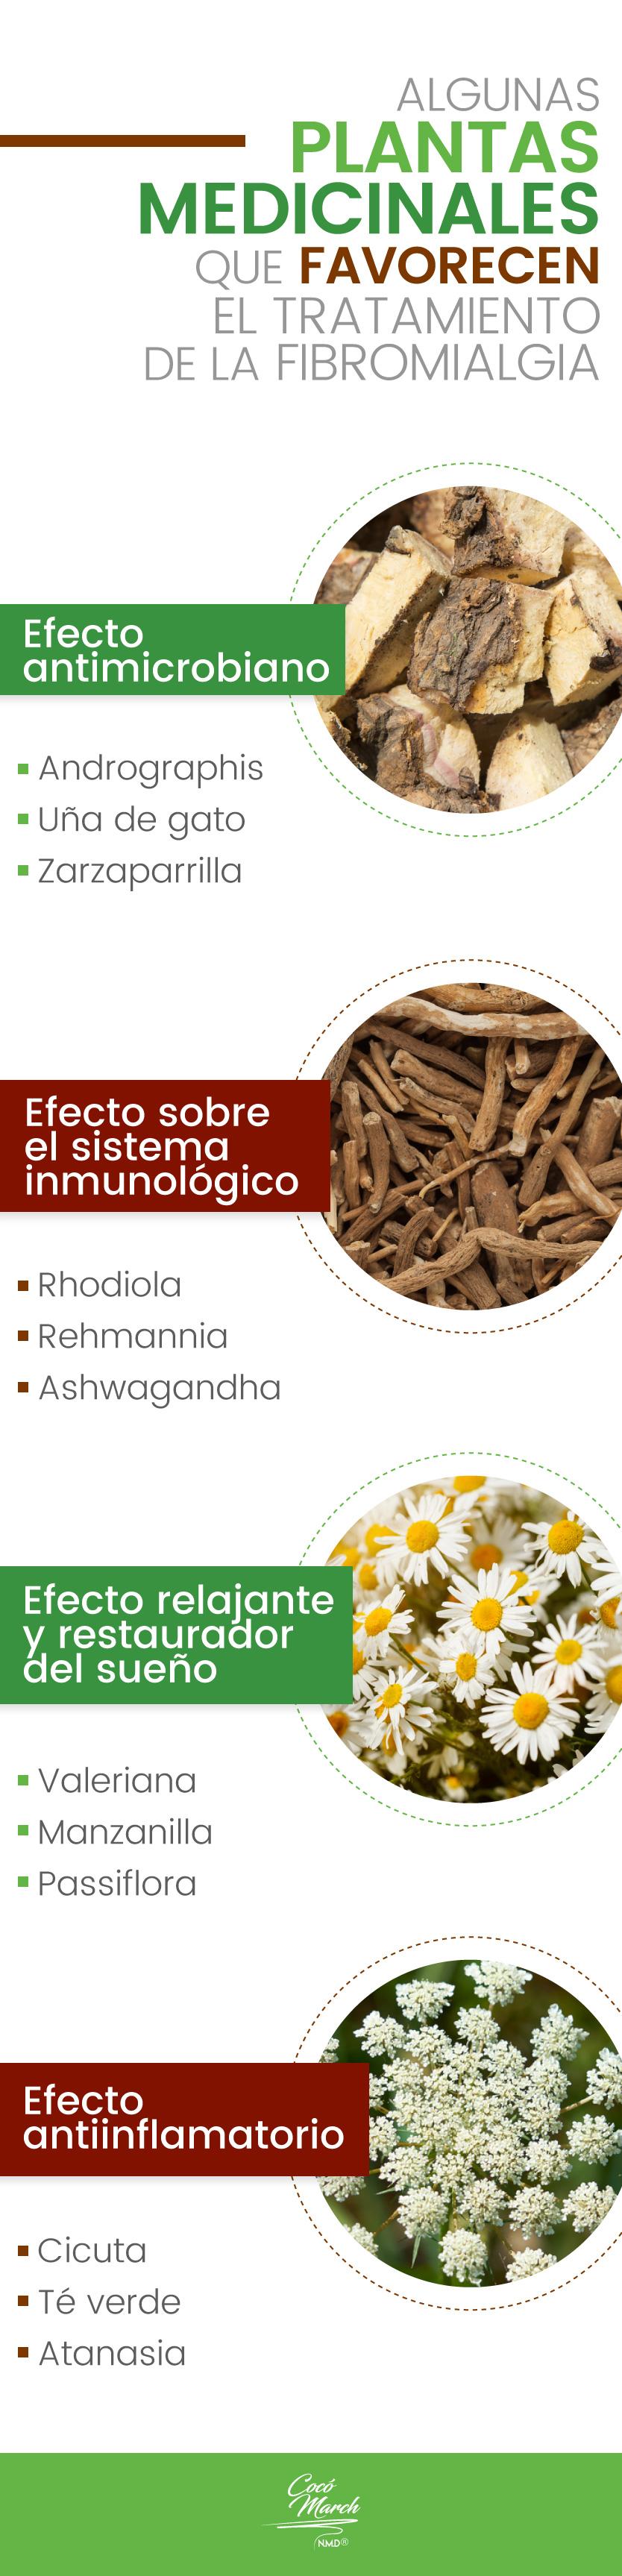 fibromialgia-plantas-medicinales